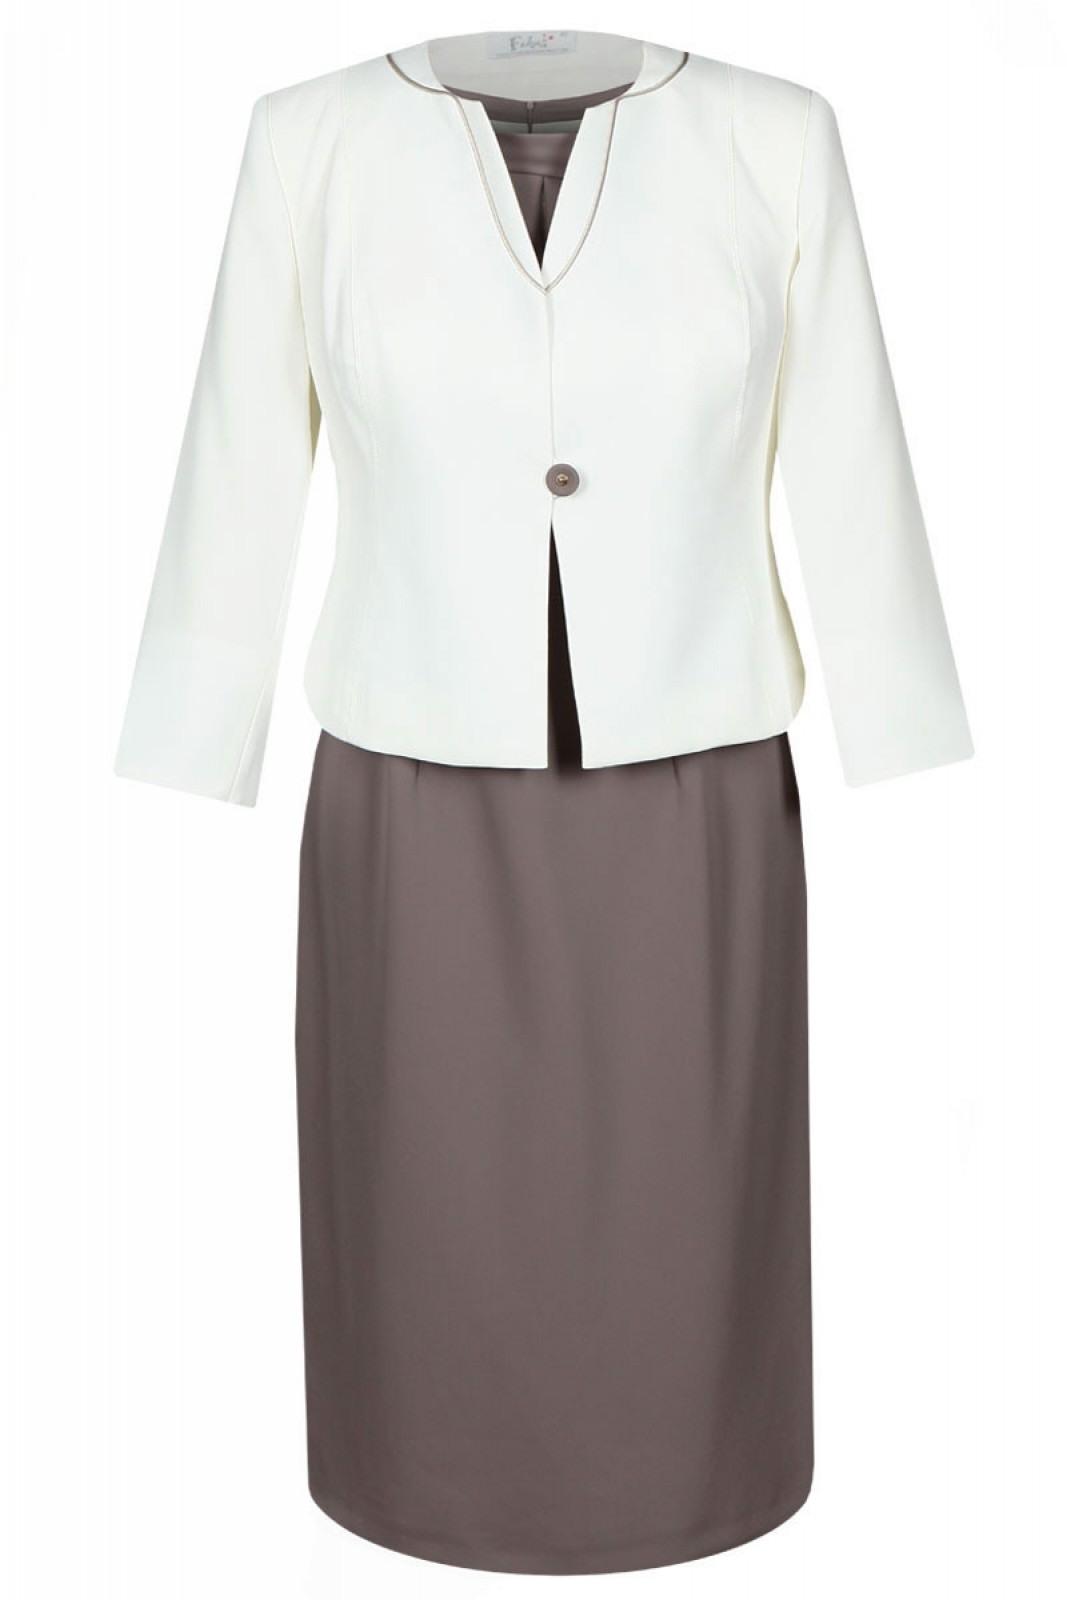 13 Erstaunlich Kleid Mit Jacke Elegant Boutique20 Fantastisch Kleid Mit Jacke Elegant Galerie